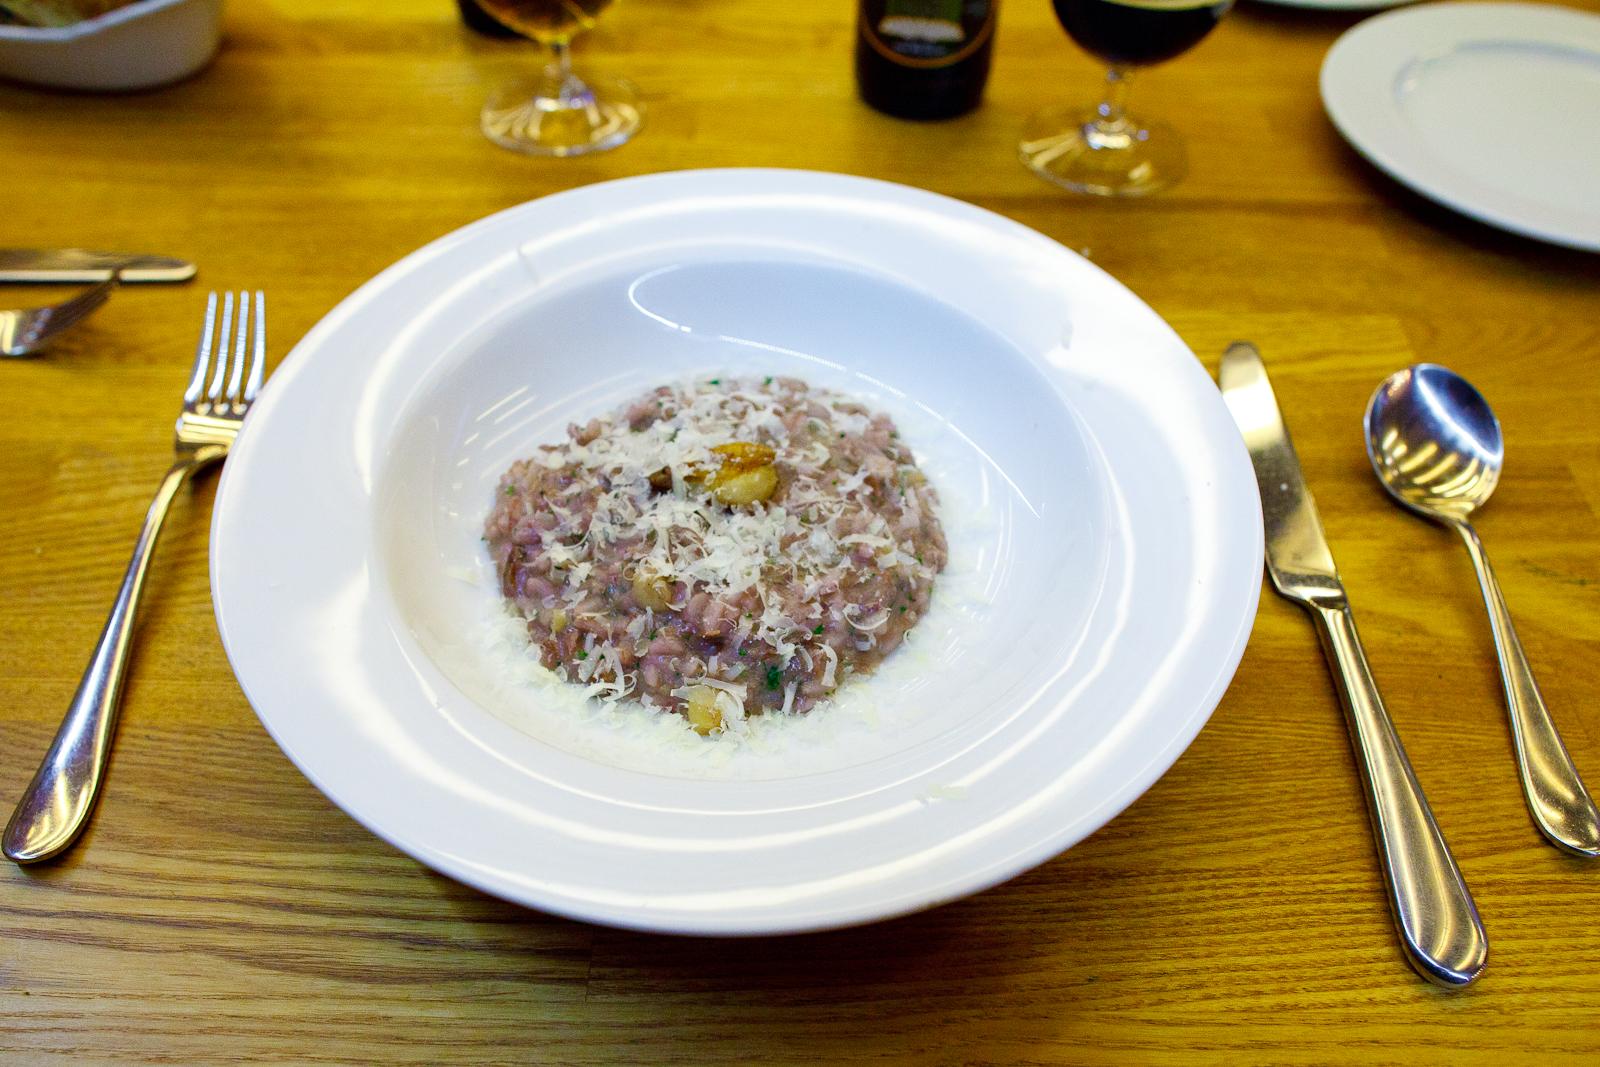 Risotto de tuétano, res braseada y vino tinto (bone marrow risotto with red wine braised beef) (140 MXP)